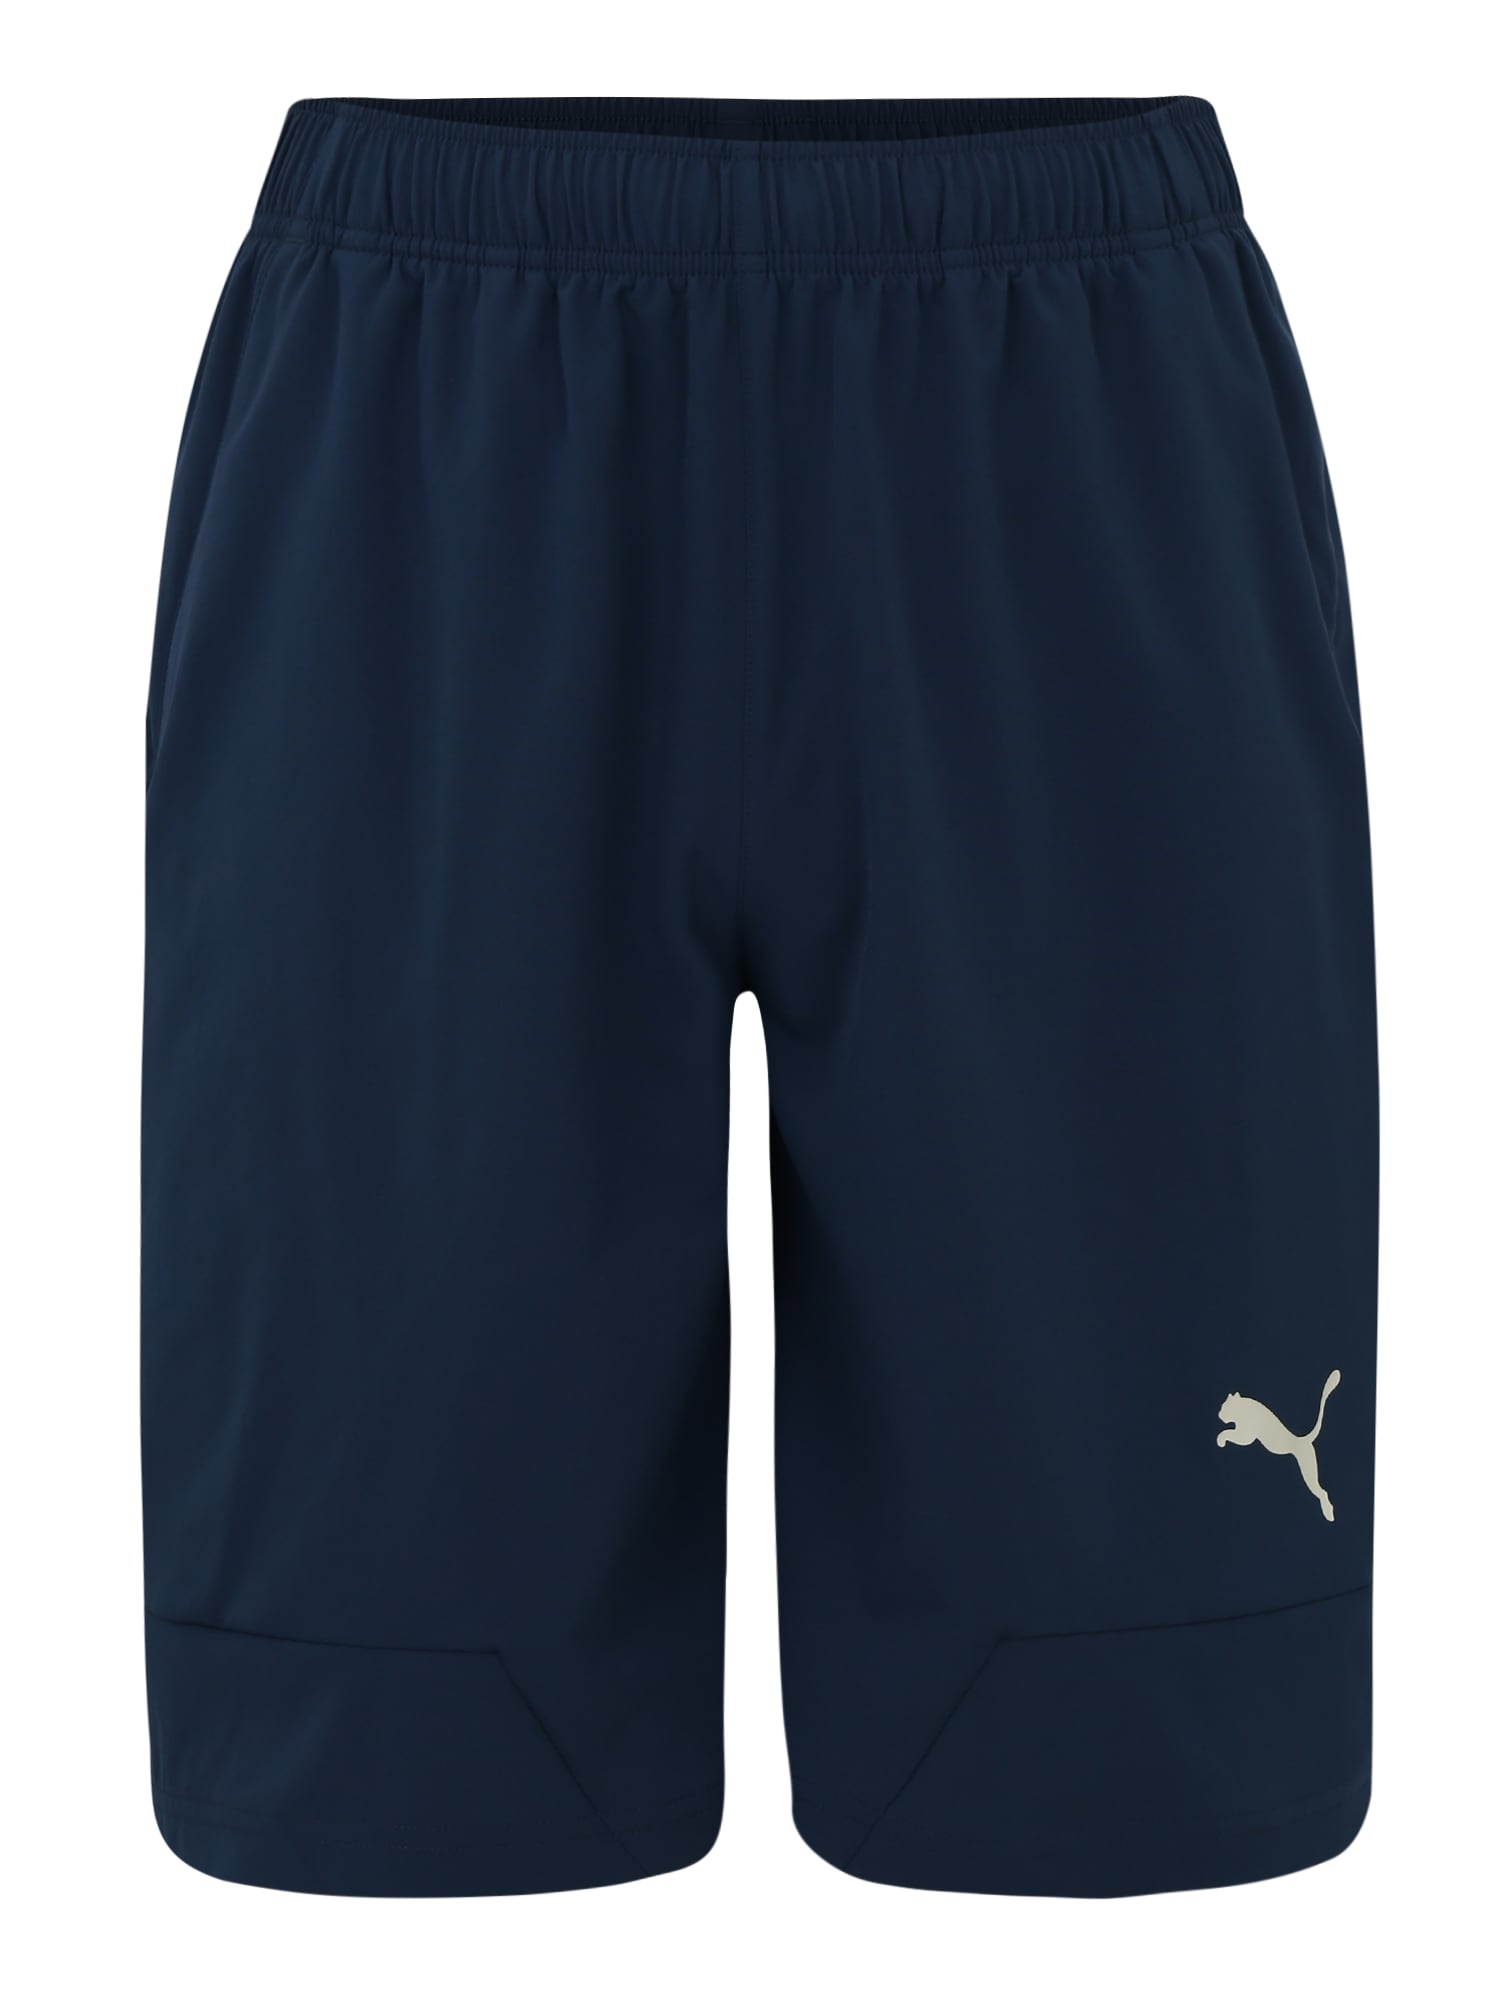 PUMA Sportinės kelnės 'RTG Woven 10`' tamsiai mėlyna